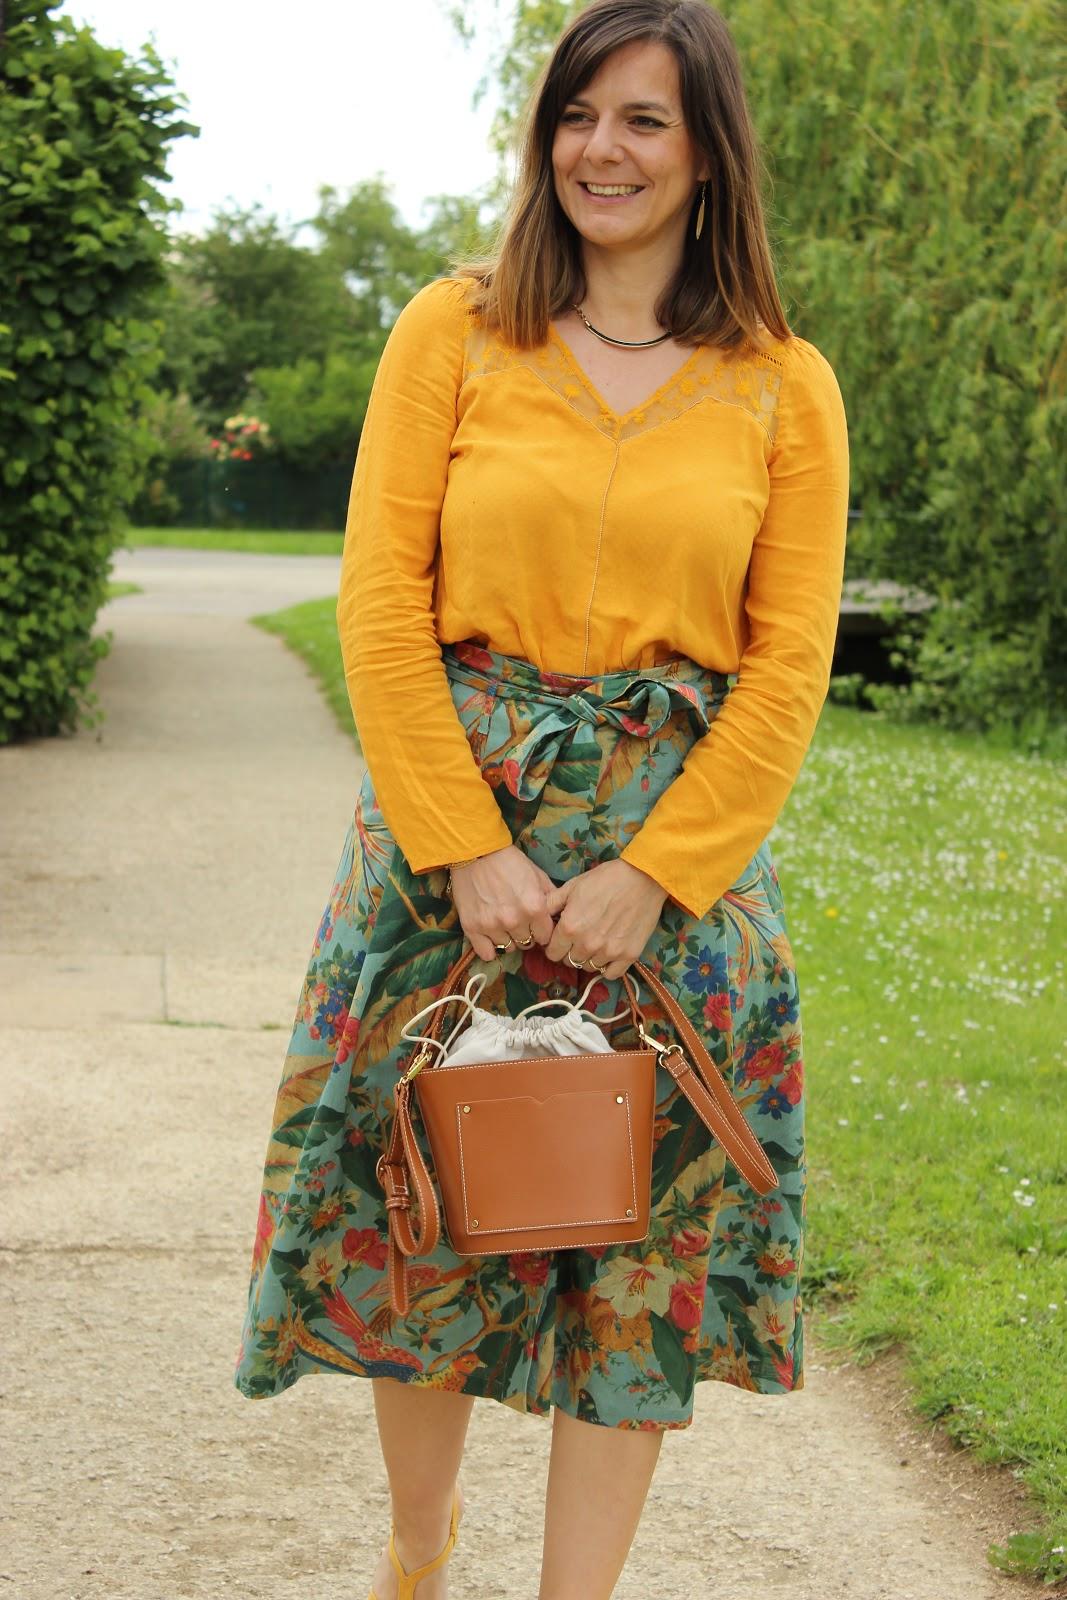 jupe sézane, look du jour, sandales jaunes Etam, les petites bulles de ma vie